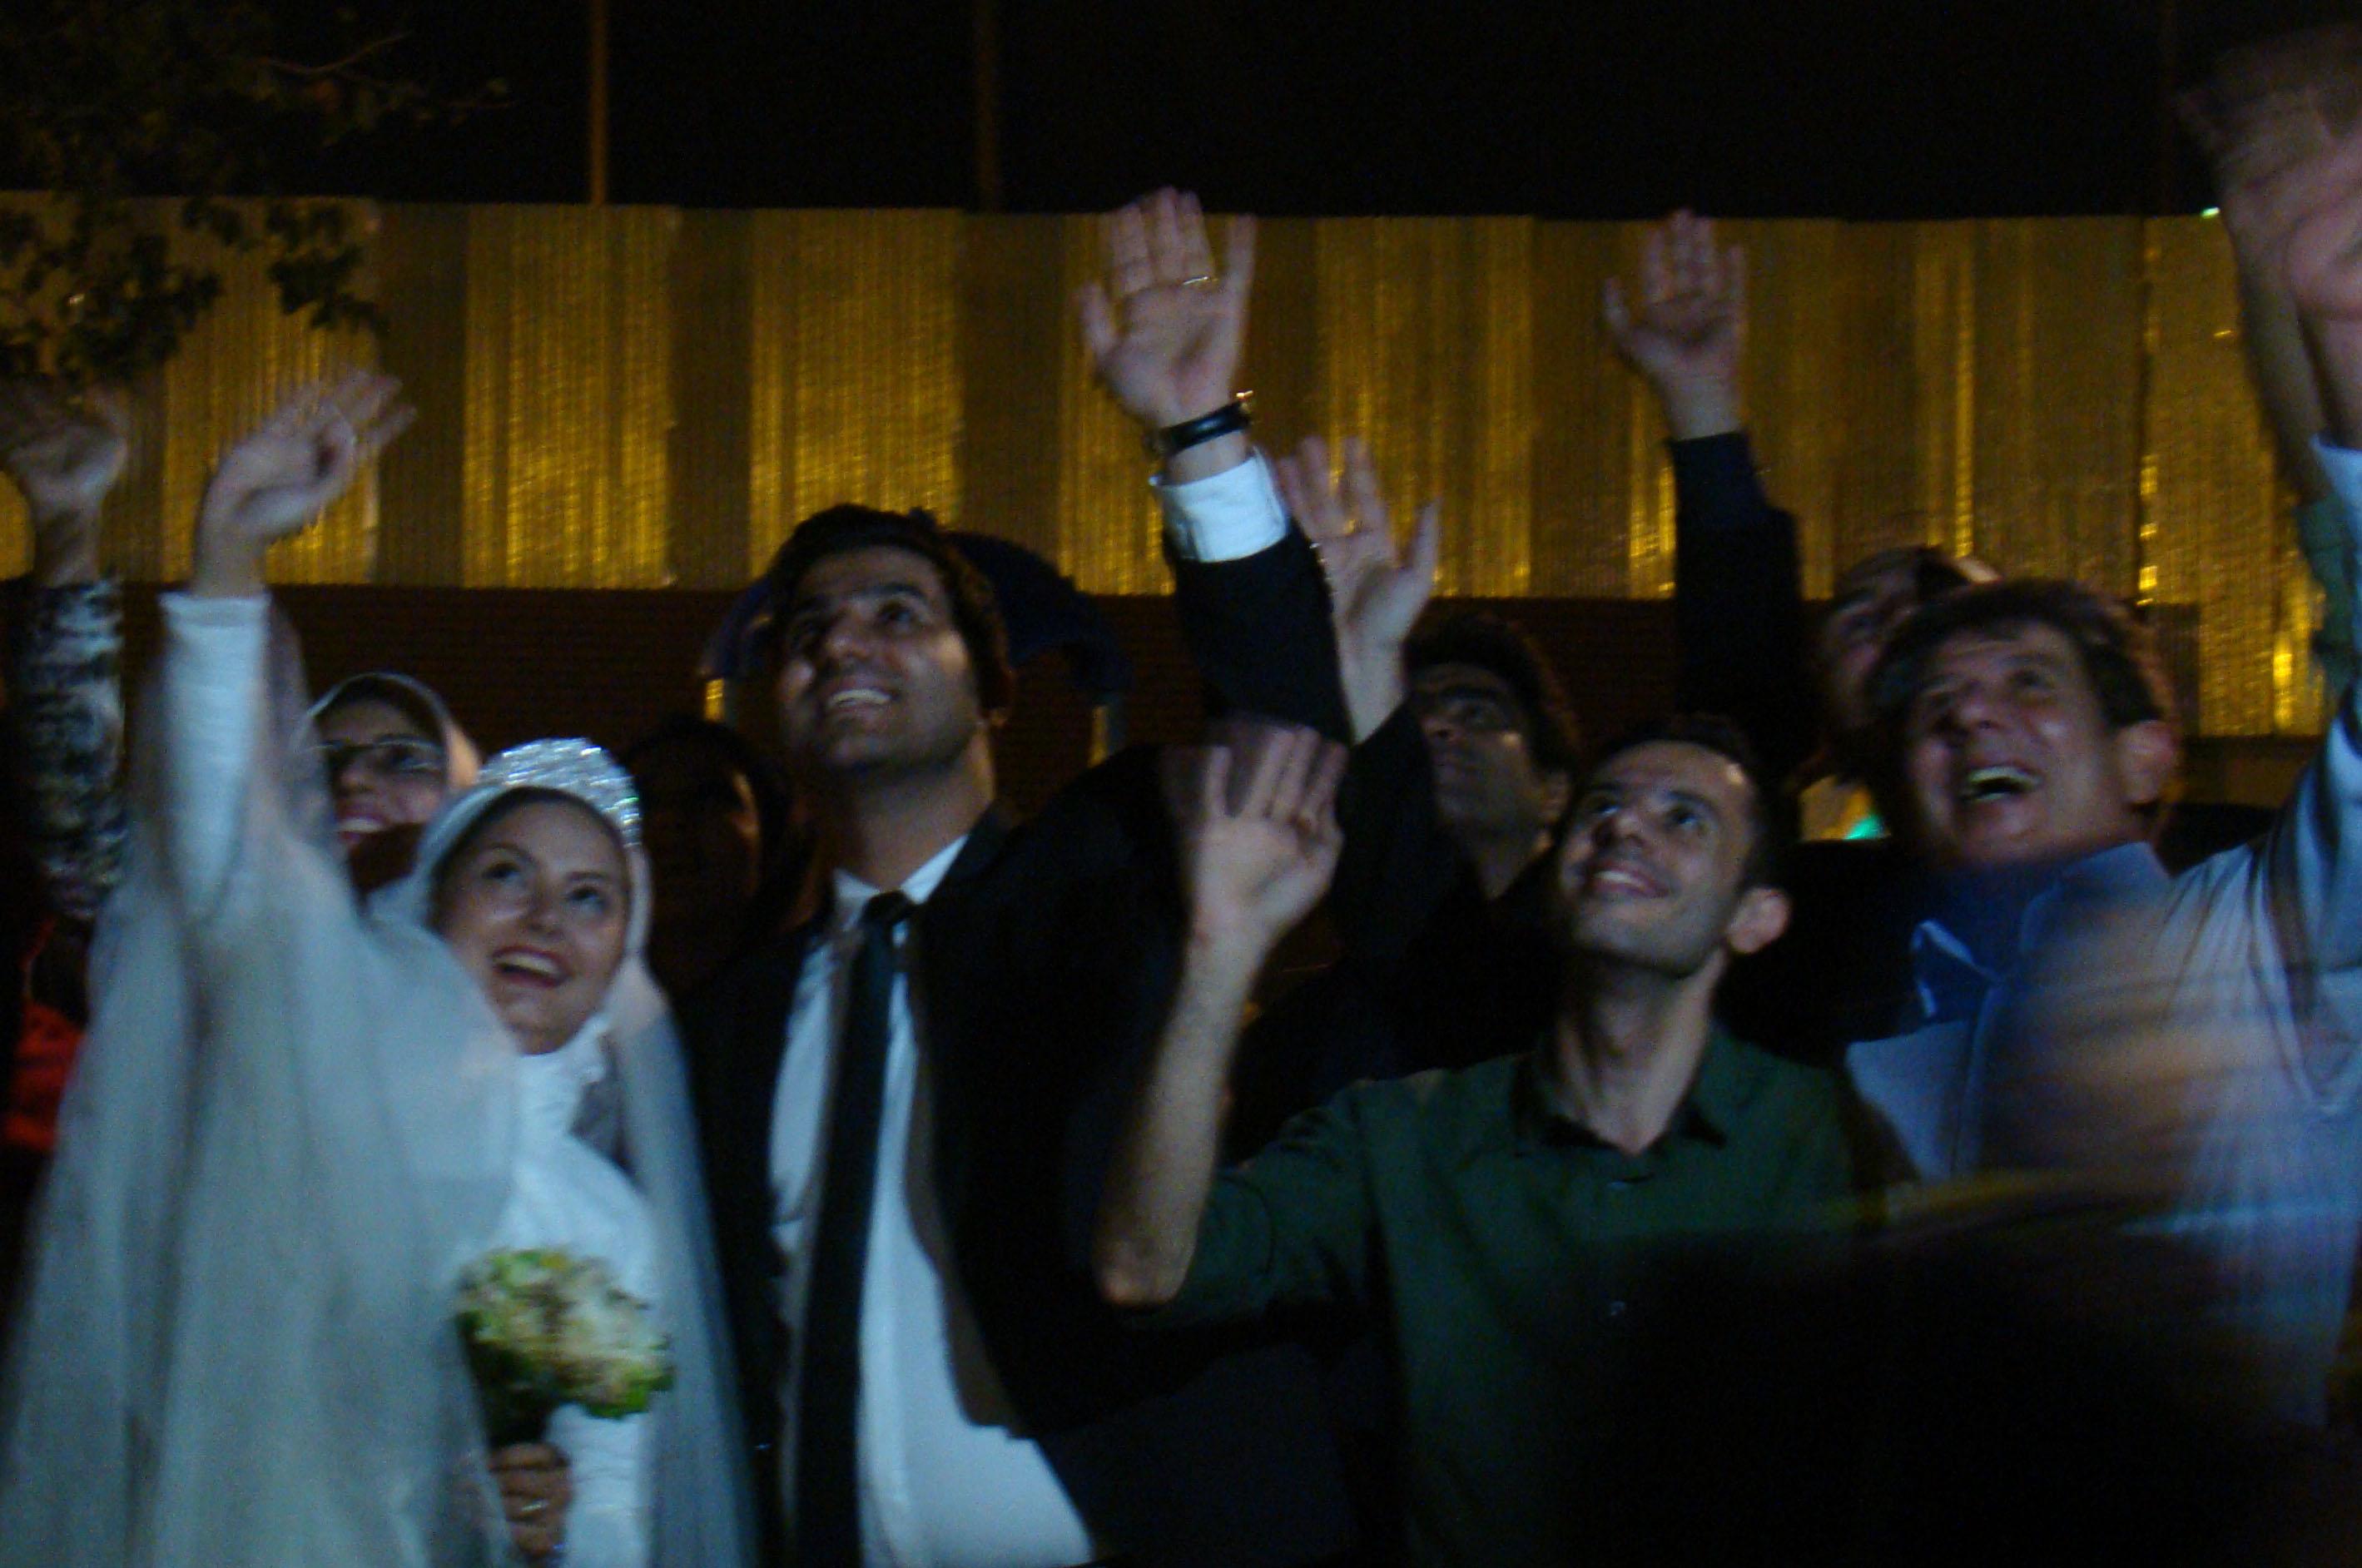 جشن ازدواج  در بین کارتن خواب های تهران + تصویر